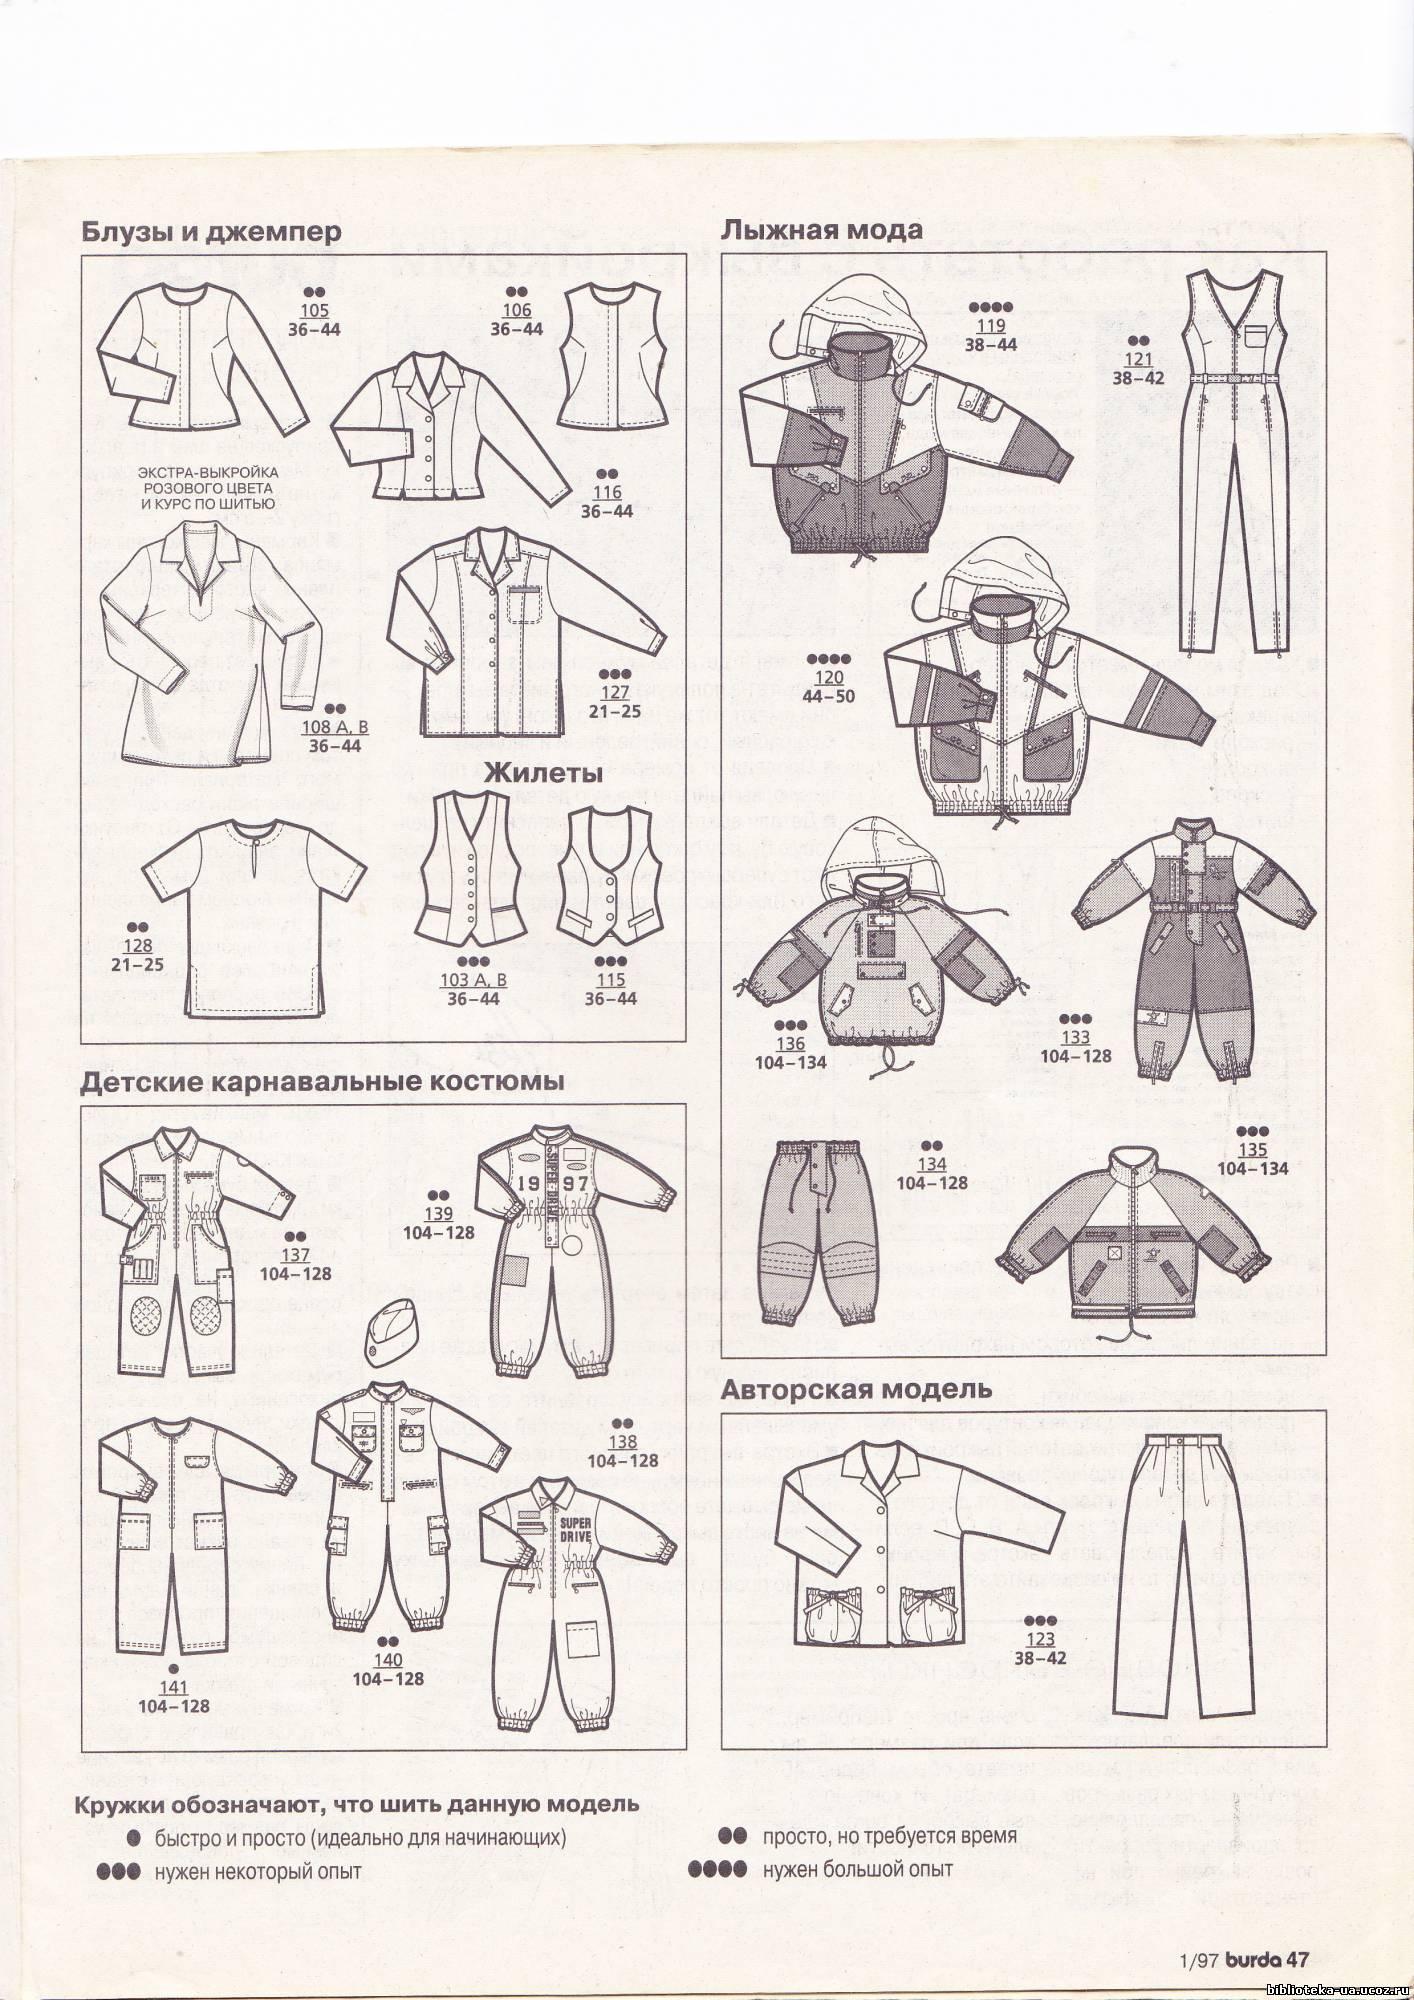 Выкройки Детской Одежды Бурда